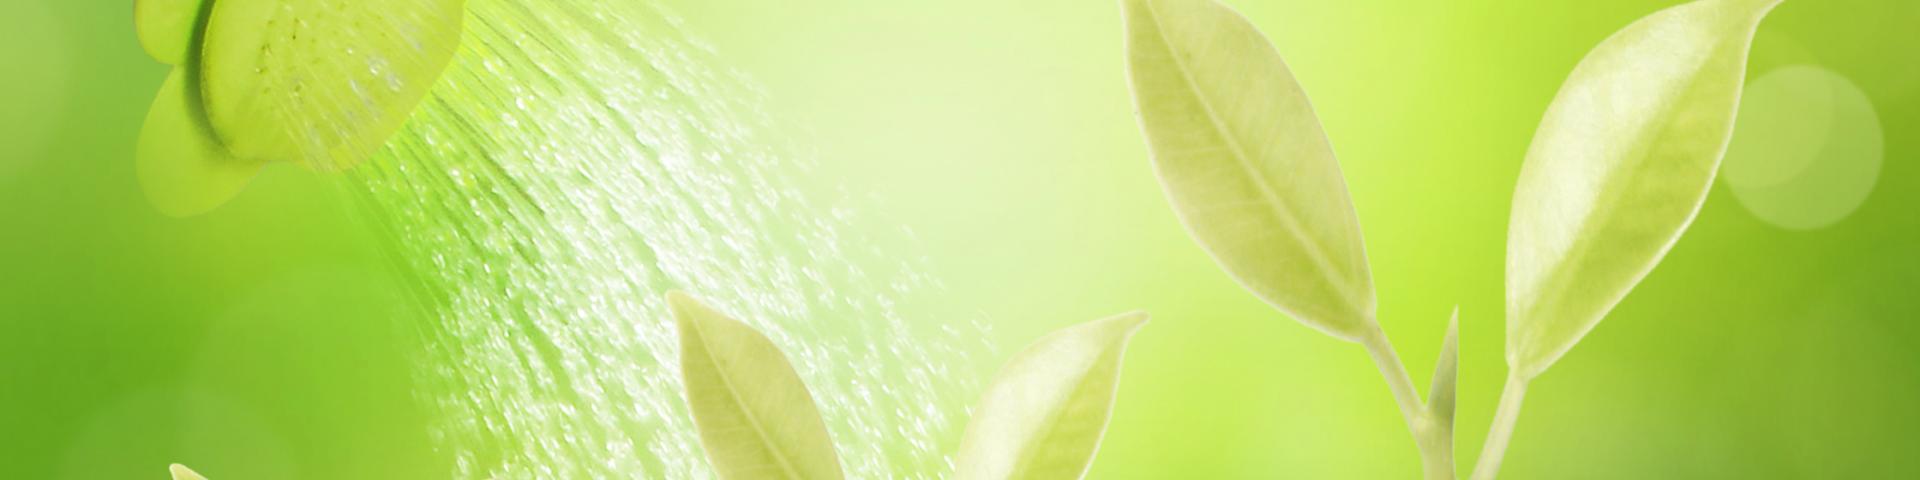 Grüne Pflanzen in fruchtbarem Boden die mit Wasser begossen werden als Metapher für gesundes Personalmanagement, Personalführung, Gärtner, Wissen & Kompetenz, Wissen-Kompetenz, Fürsorge, Entwicklung, Gesundheit durch MINDFUL BWL freie Betriebswirte